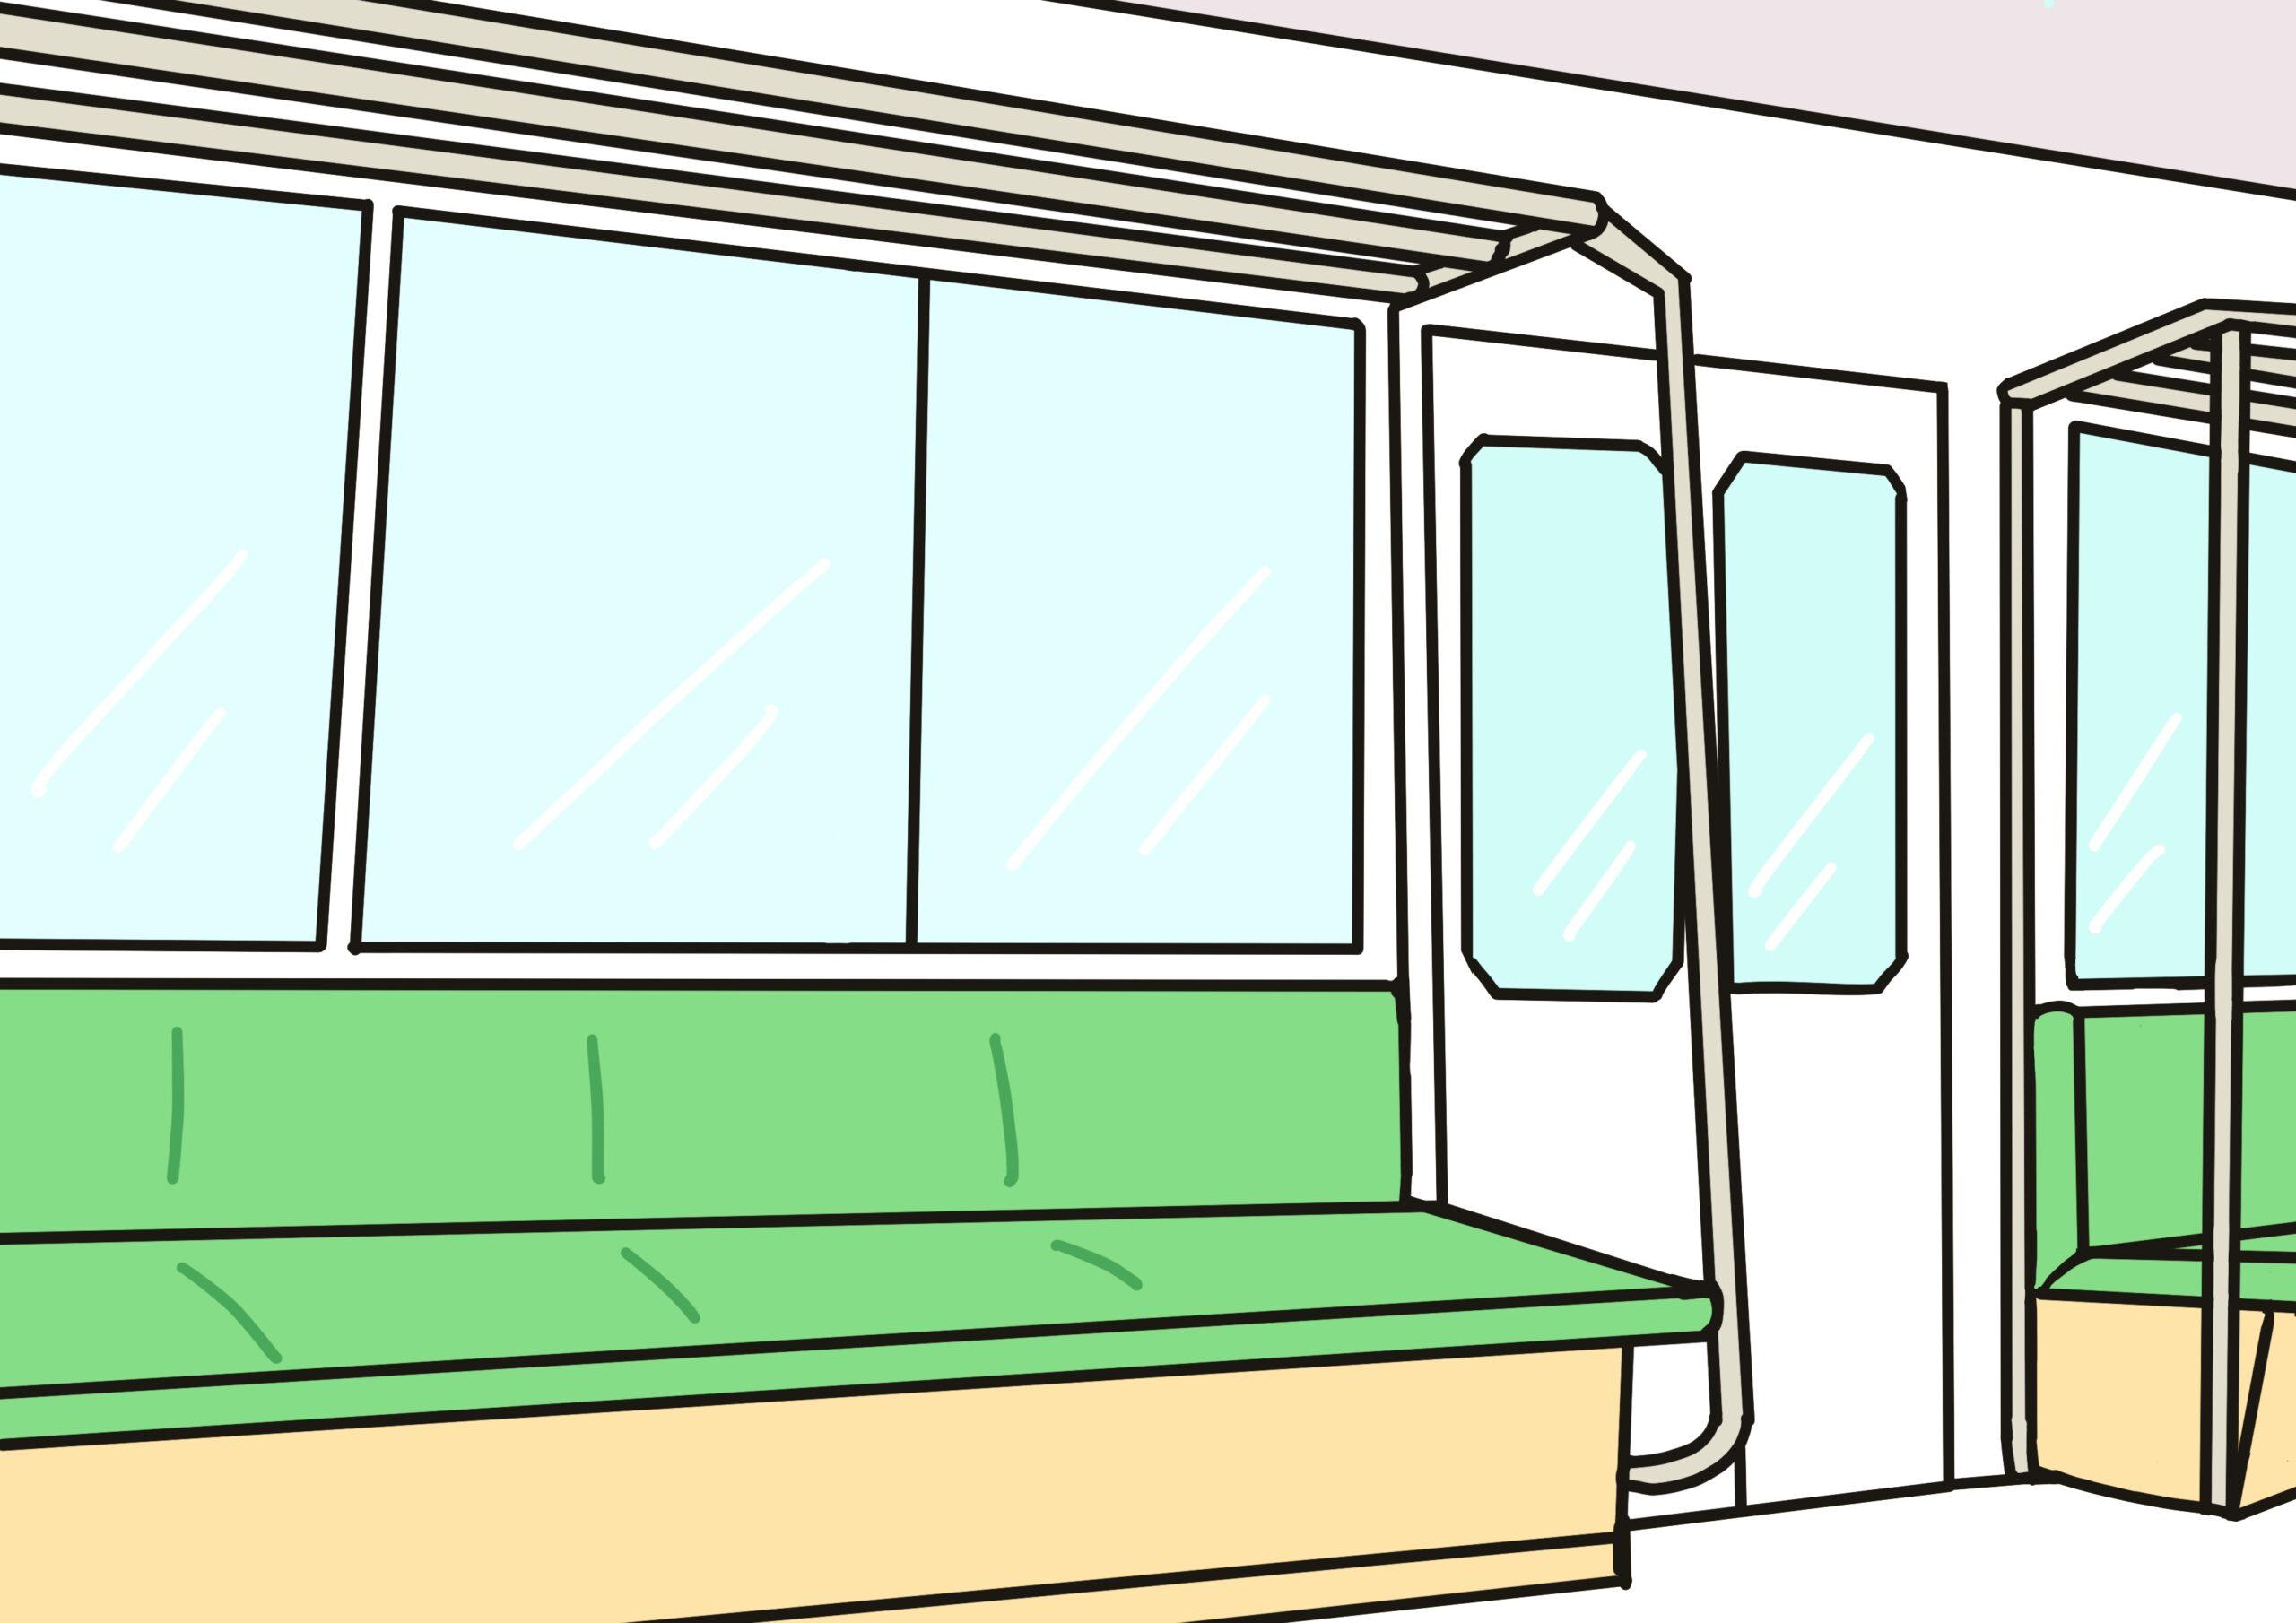 イラスト電車の中